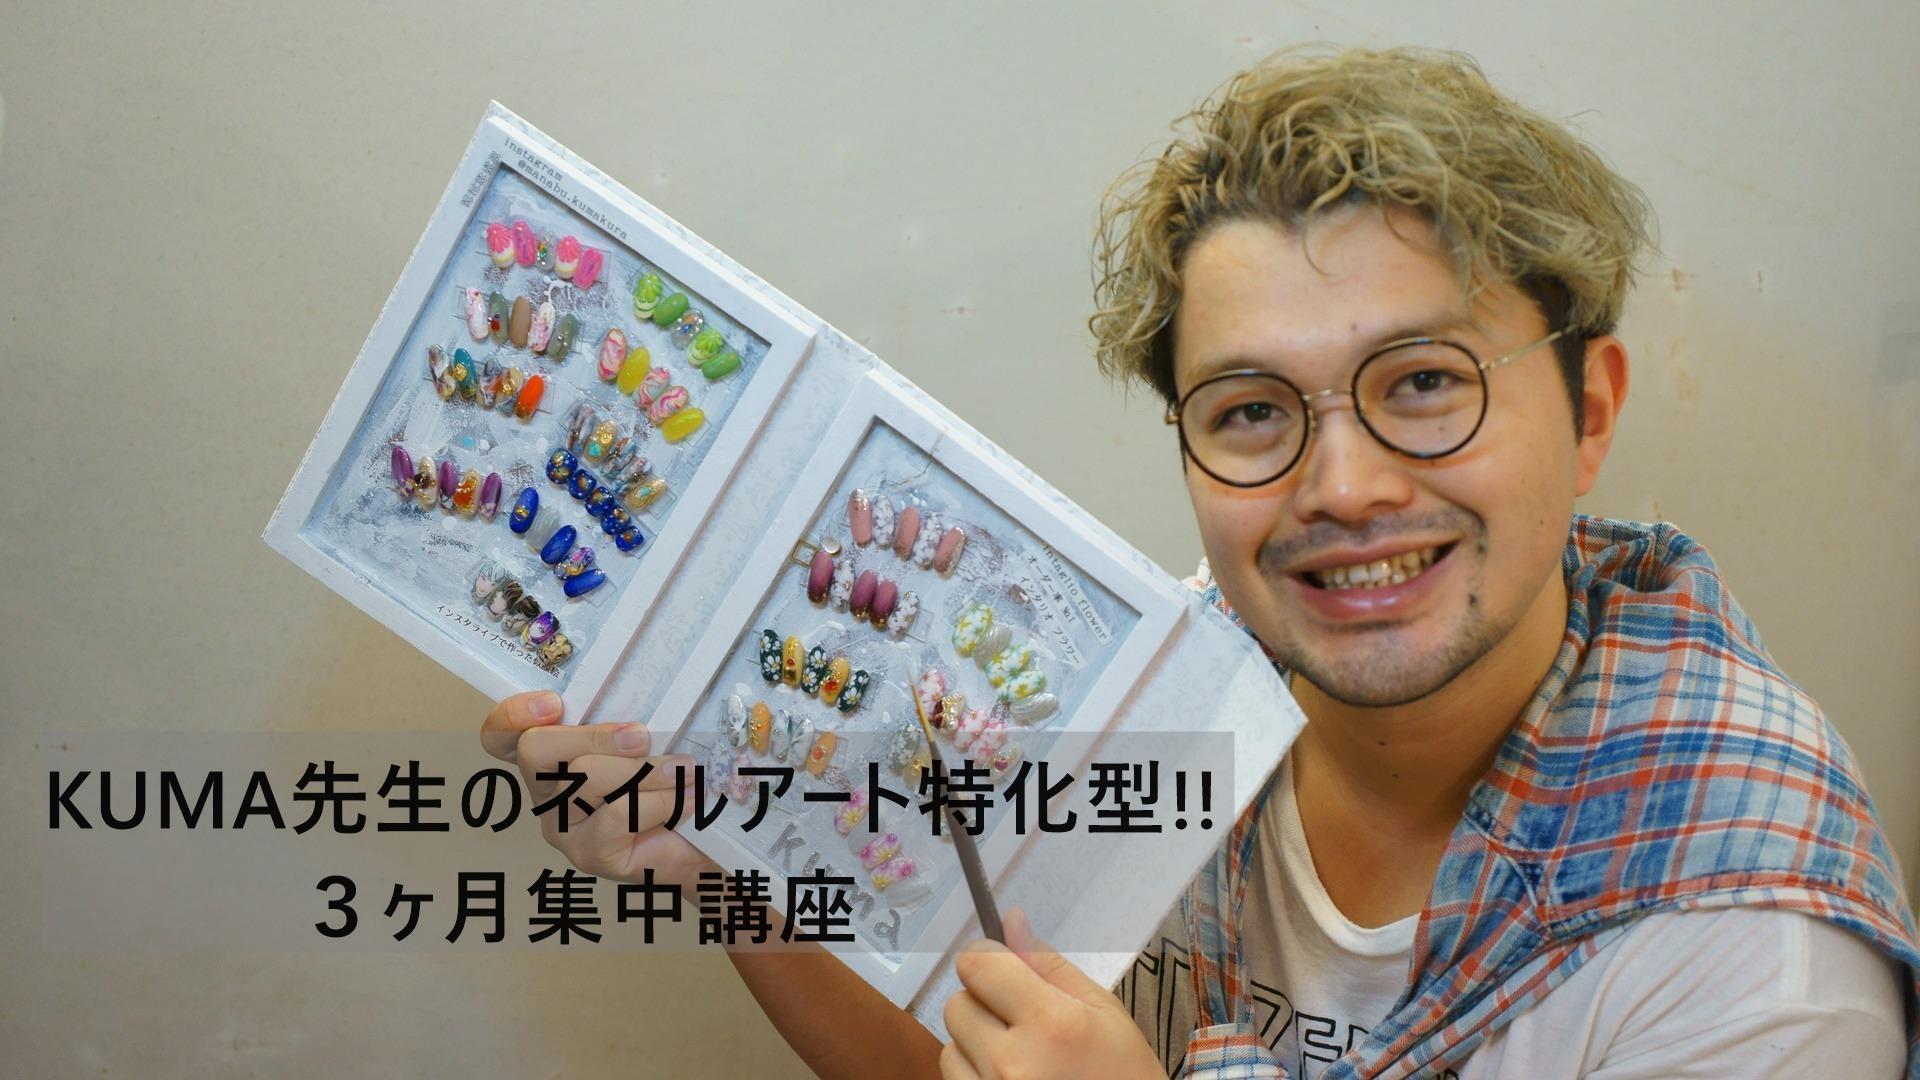 【3ヶ月限定サロン】KUMA先生のネイルアート特化型‼3ヶ月集中講座